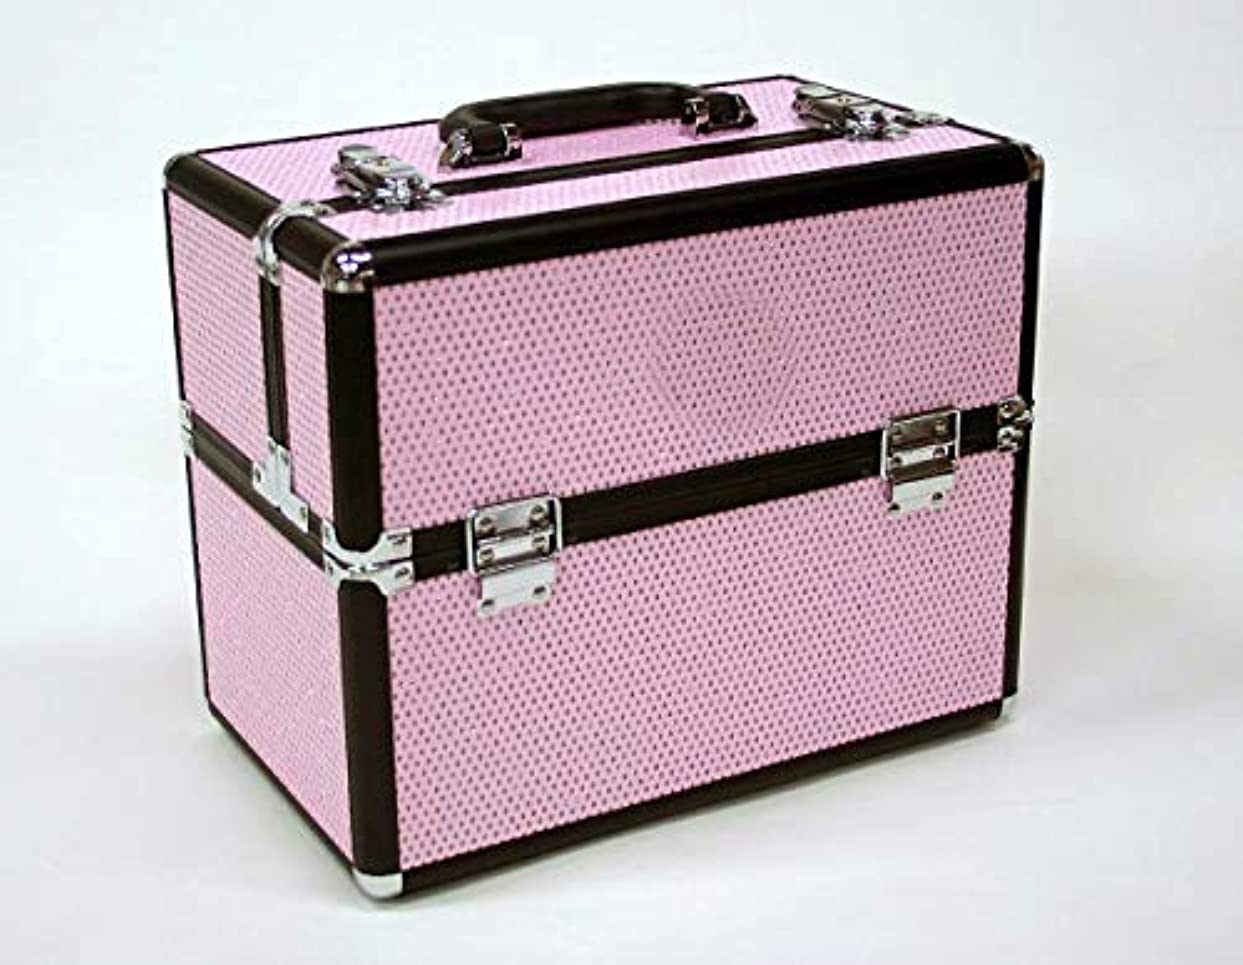 女優状ロッカーメイクボックス|D2651IK-6|軽量タイプ|コスメボックス 化粧箱 メイクアップボックス|Make box MAKE UP BOX